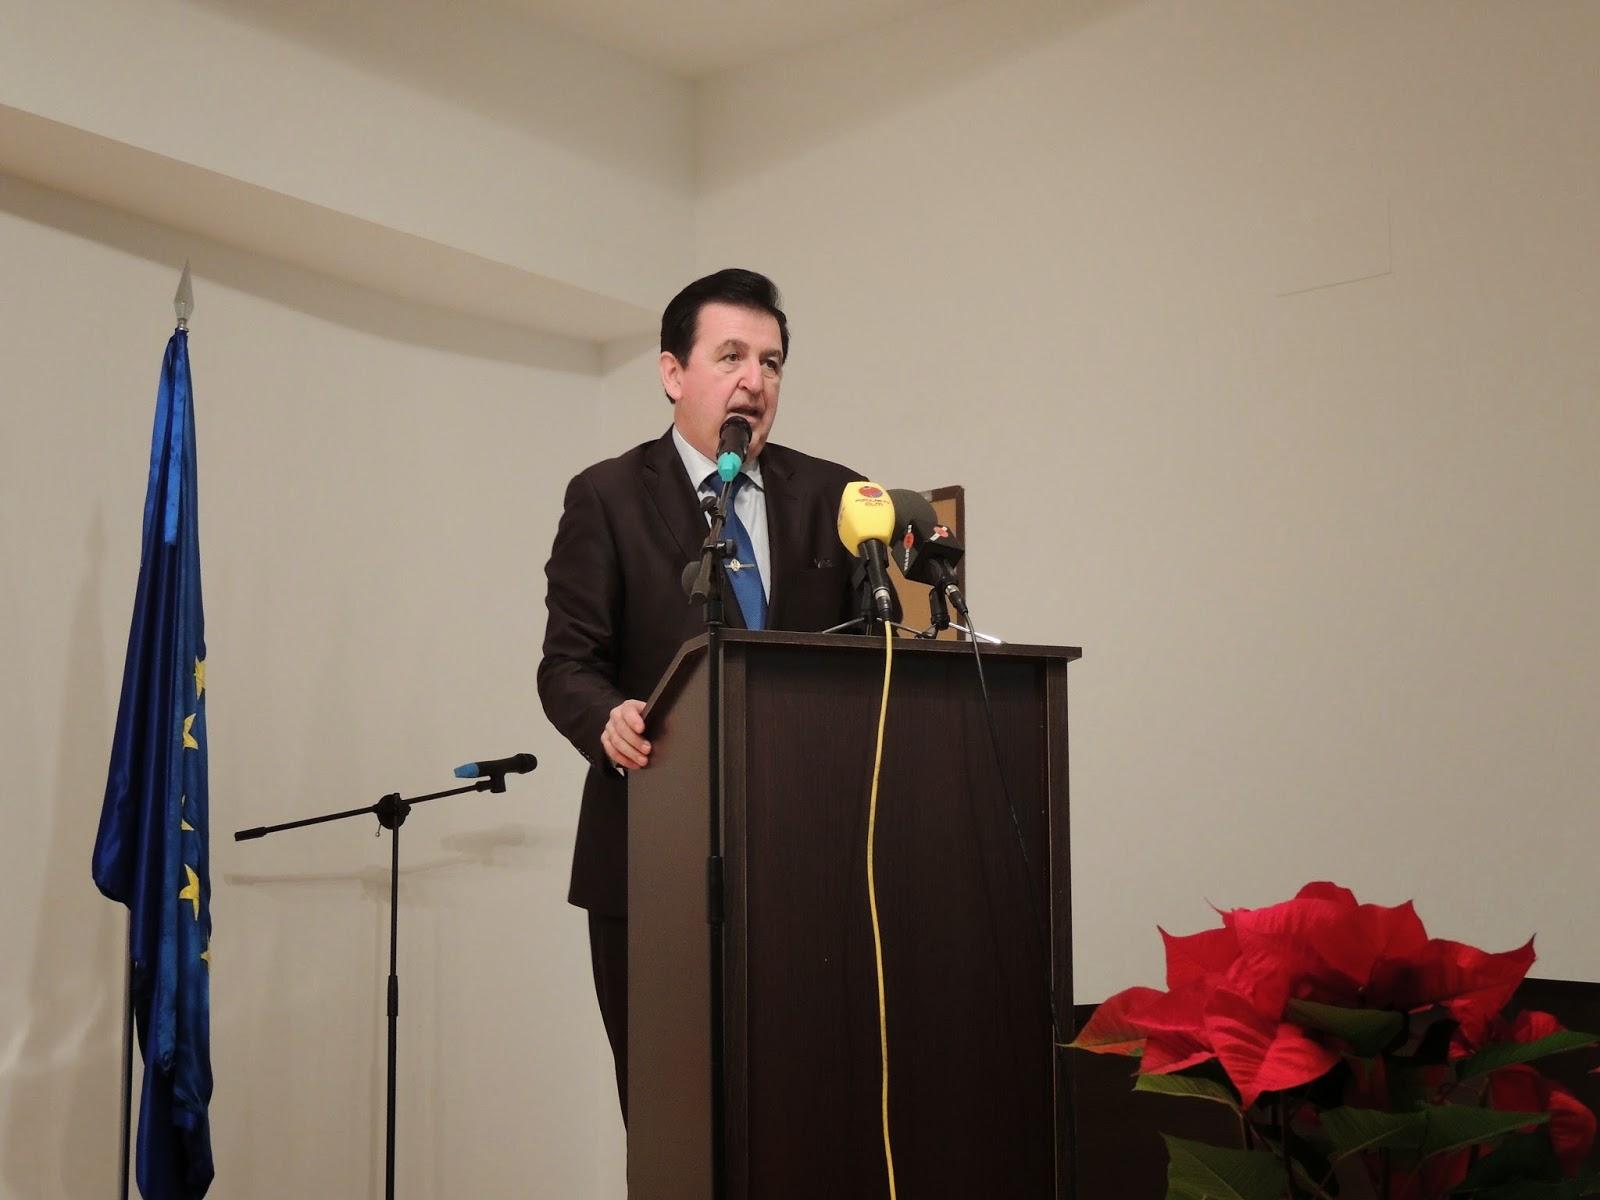 IV Exaltación a la navidad